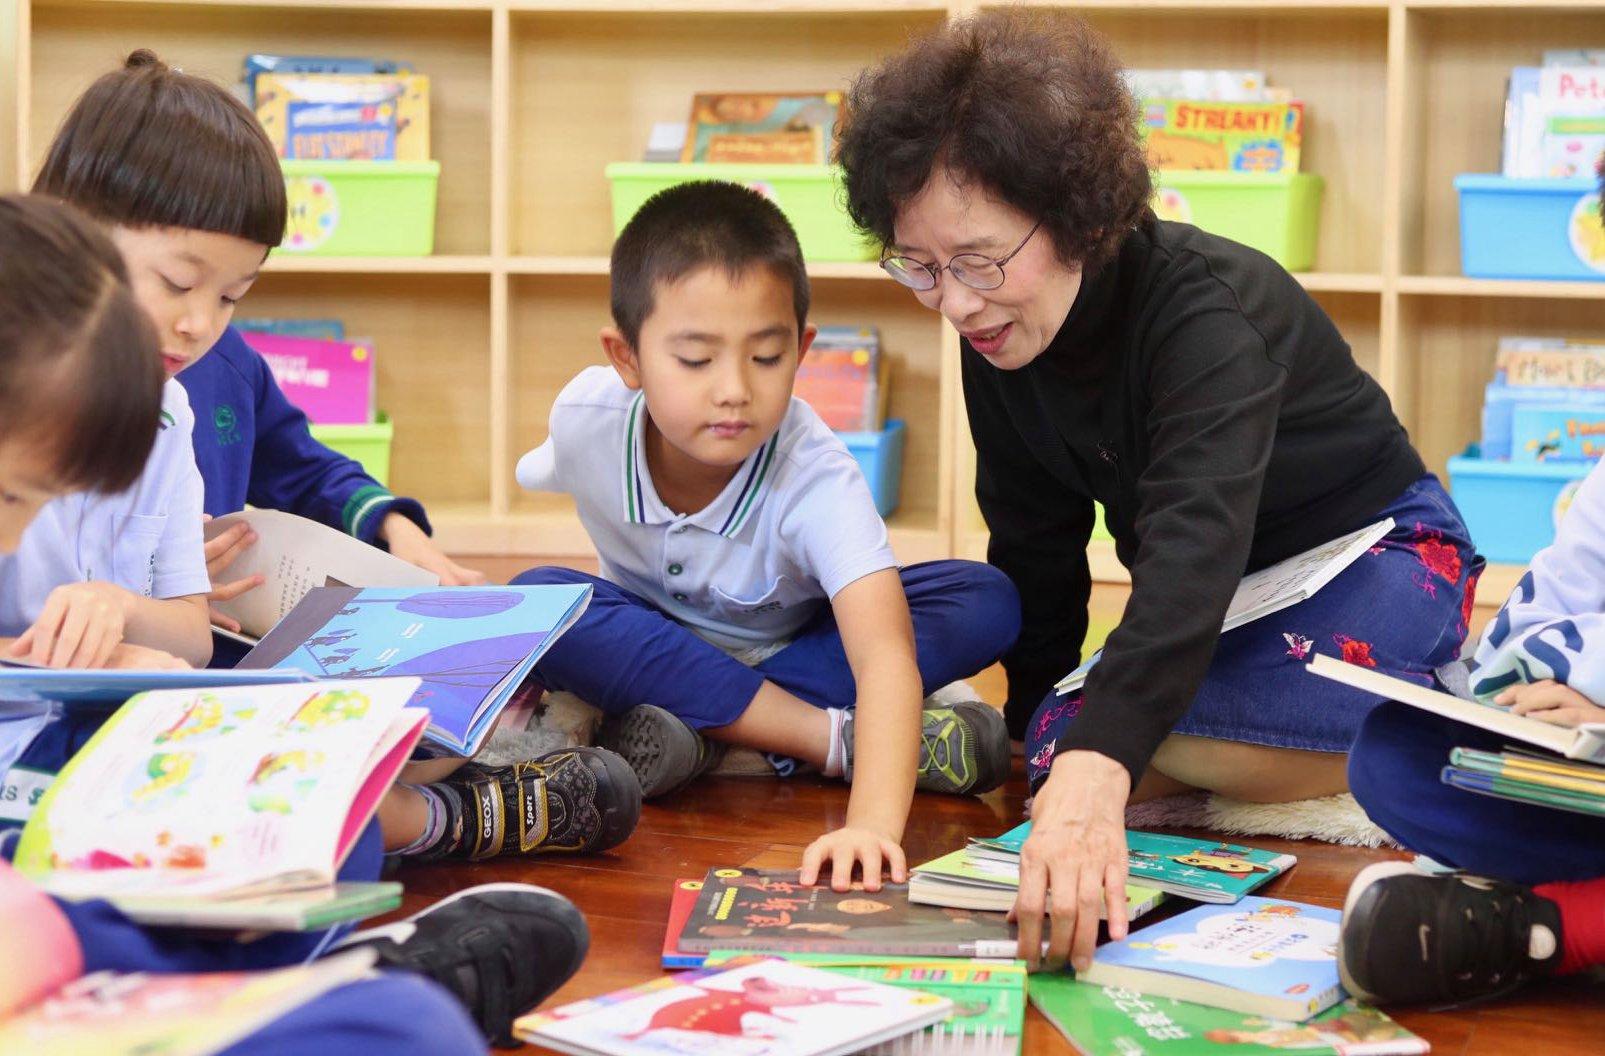 封莉容:敬畏教育 以愛傳承